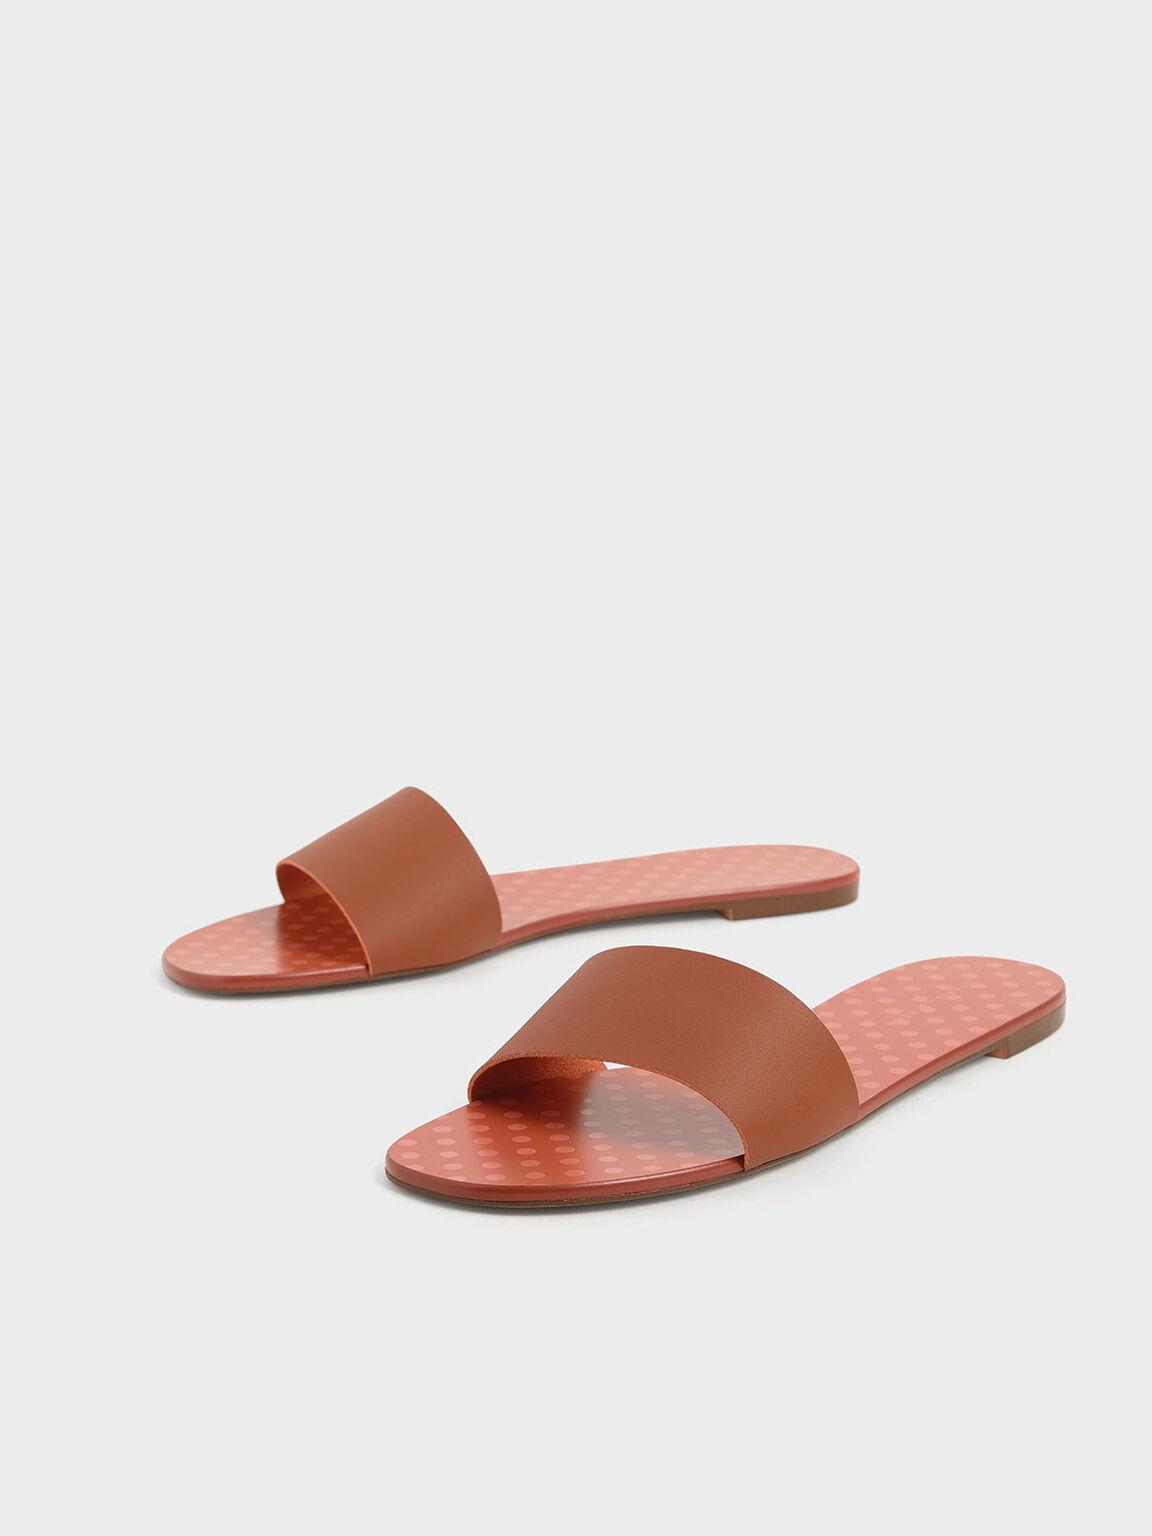 Dot Motif Slide Sandals, Tan, hi-res